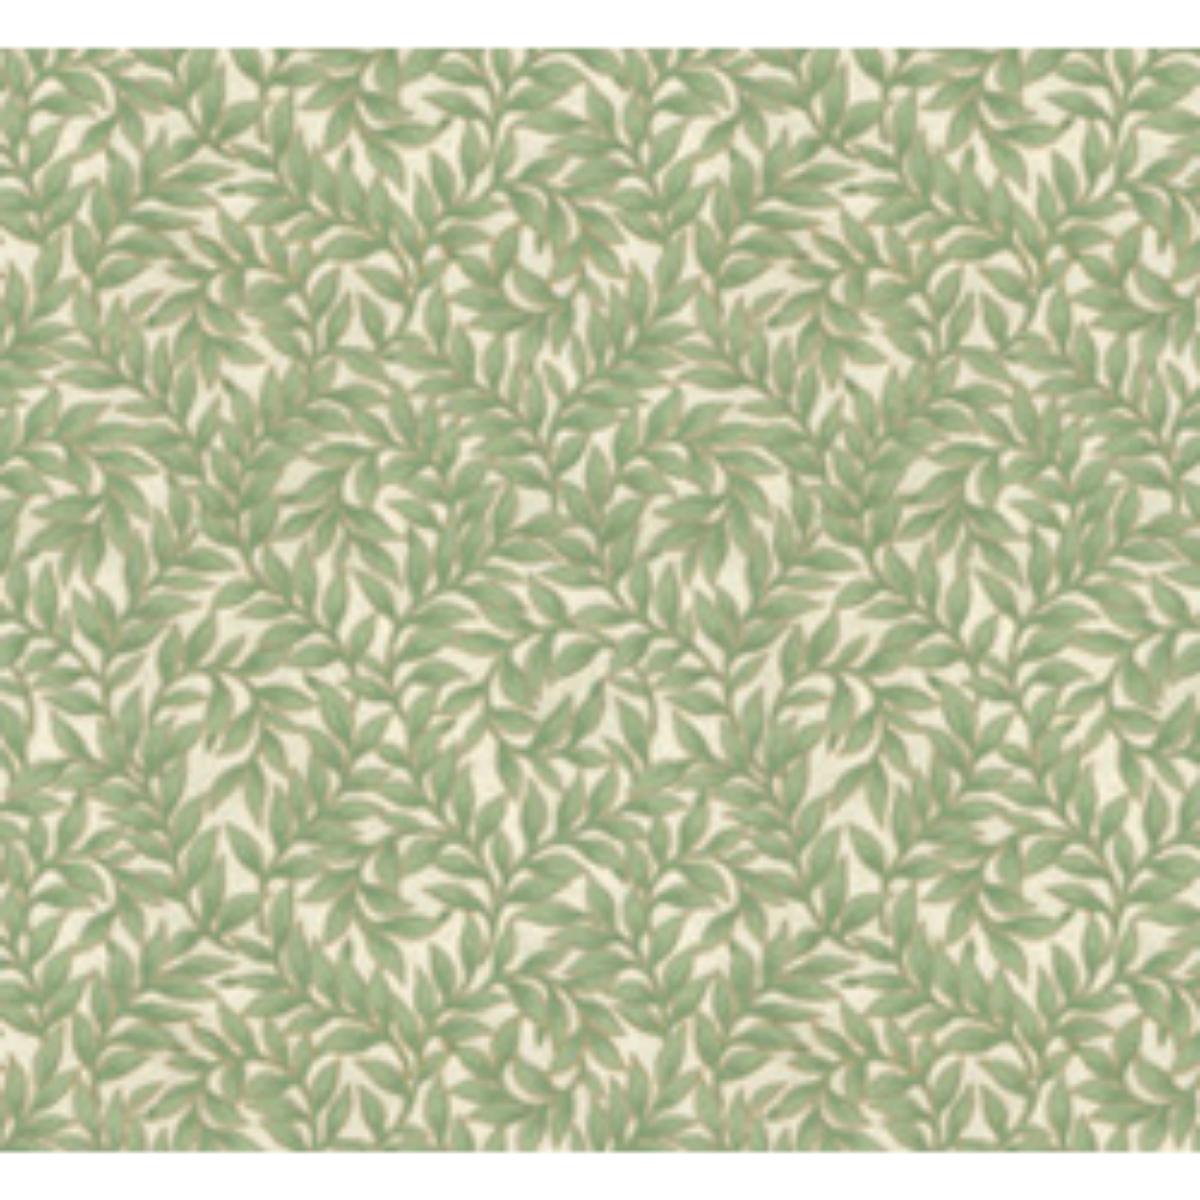 tapet med gröna blad